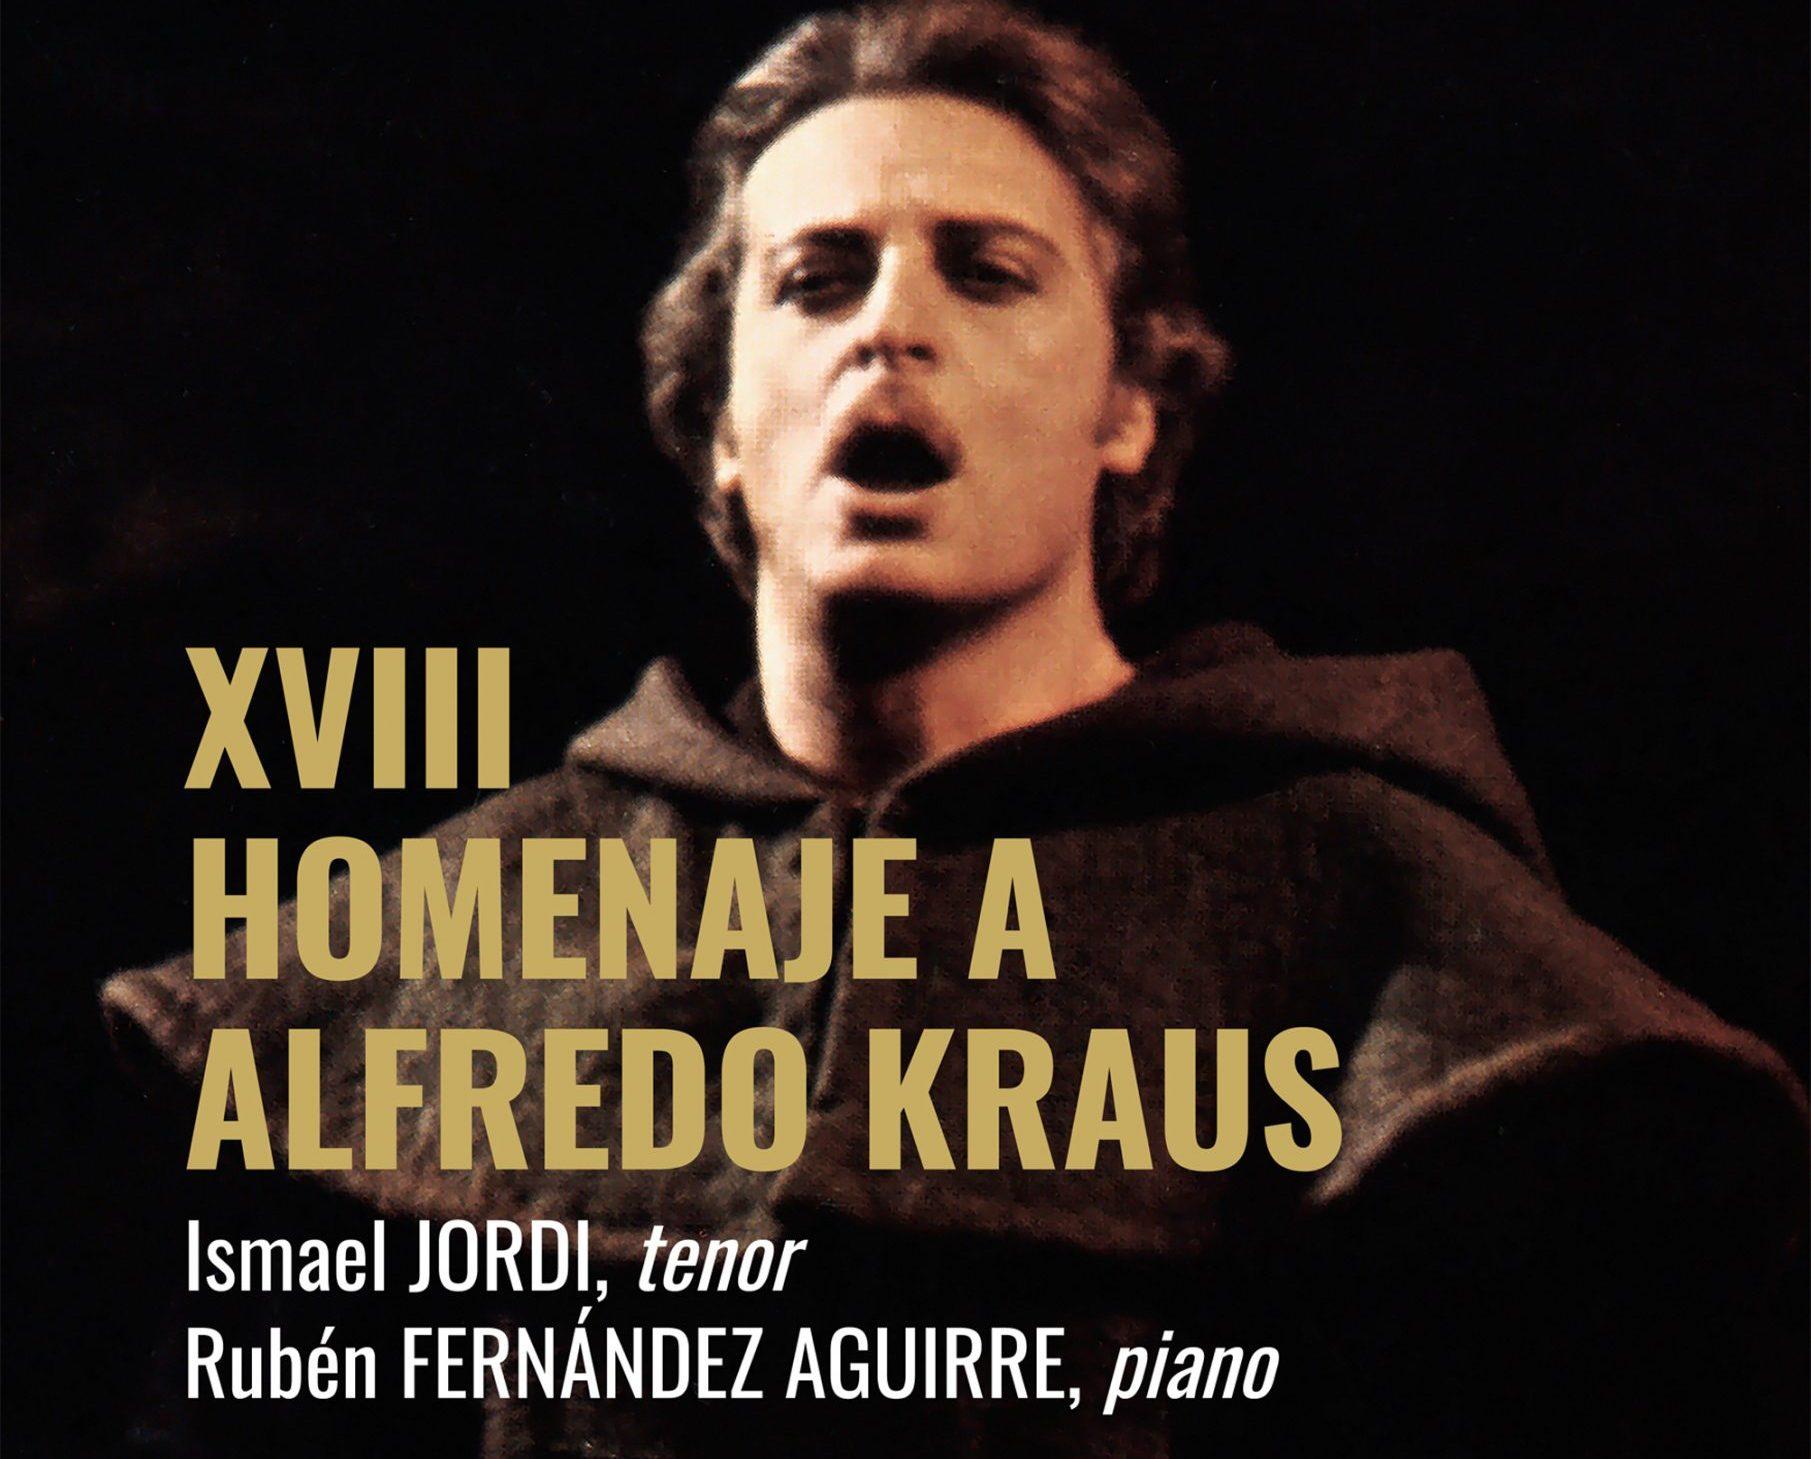 xviii-concierto-homenaje-alfredo-kraus